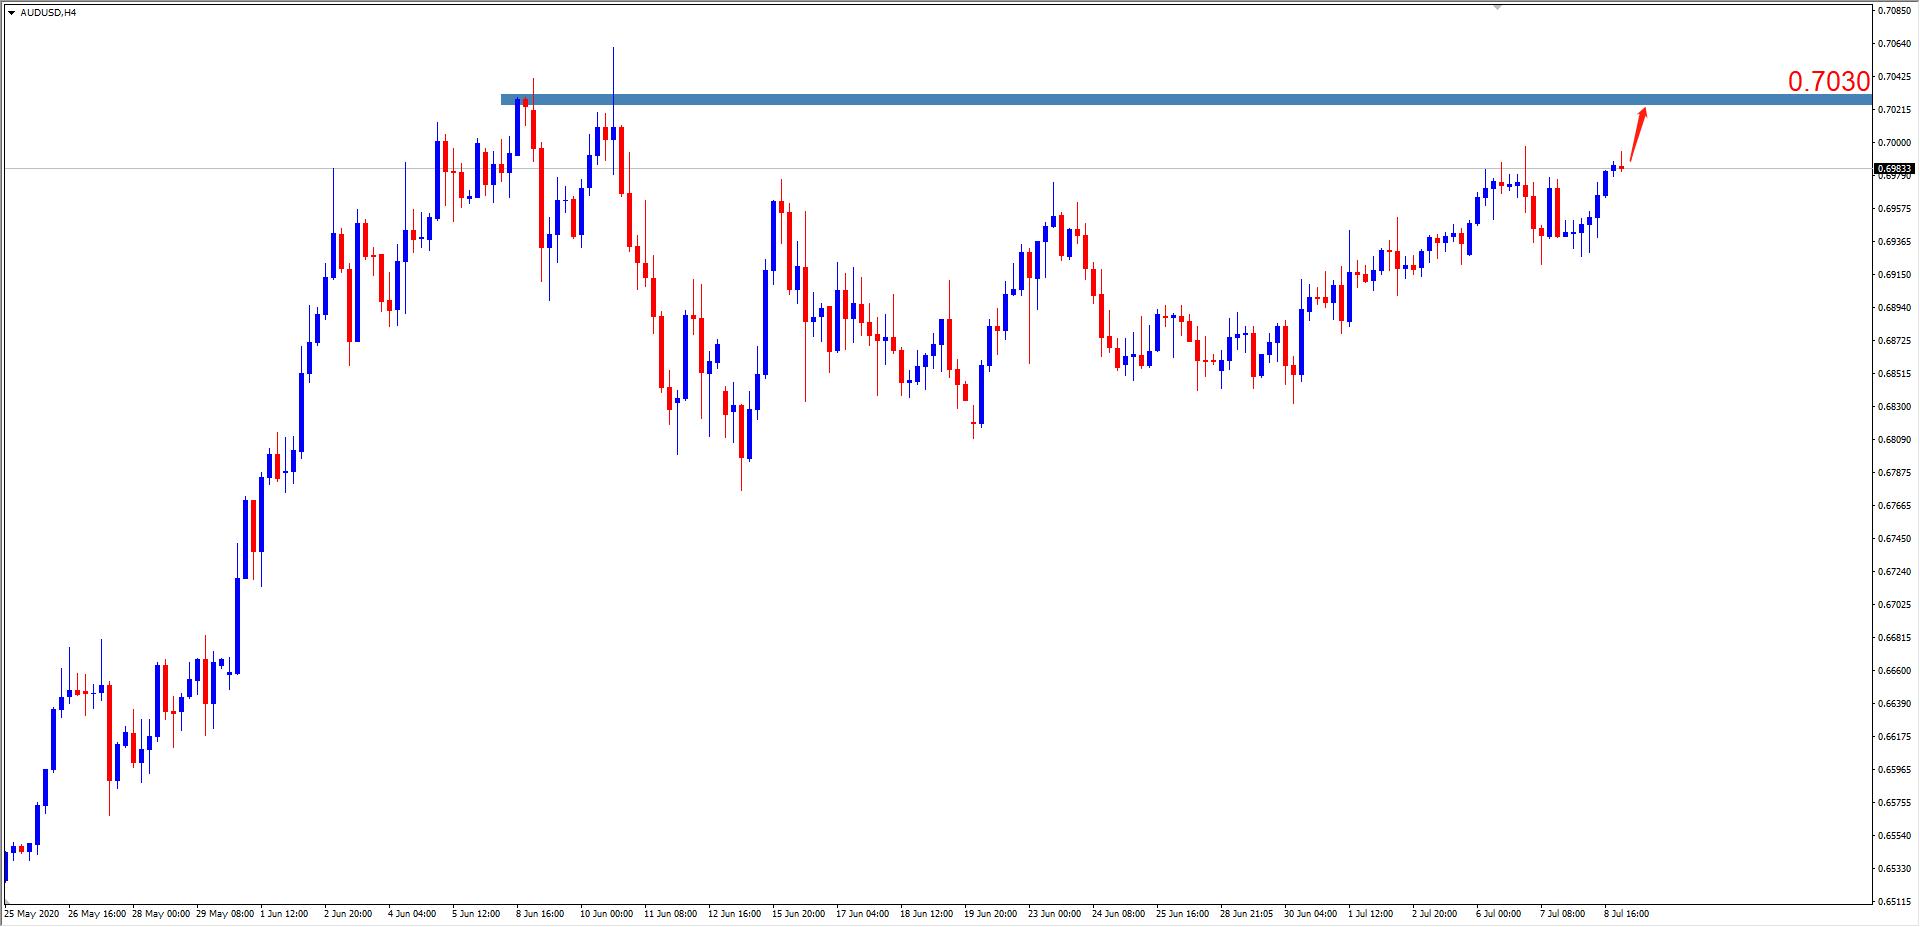 融商环球:美元指数跌跌不休  商品货币节节攀升